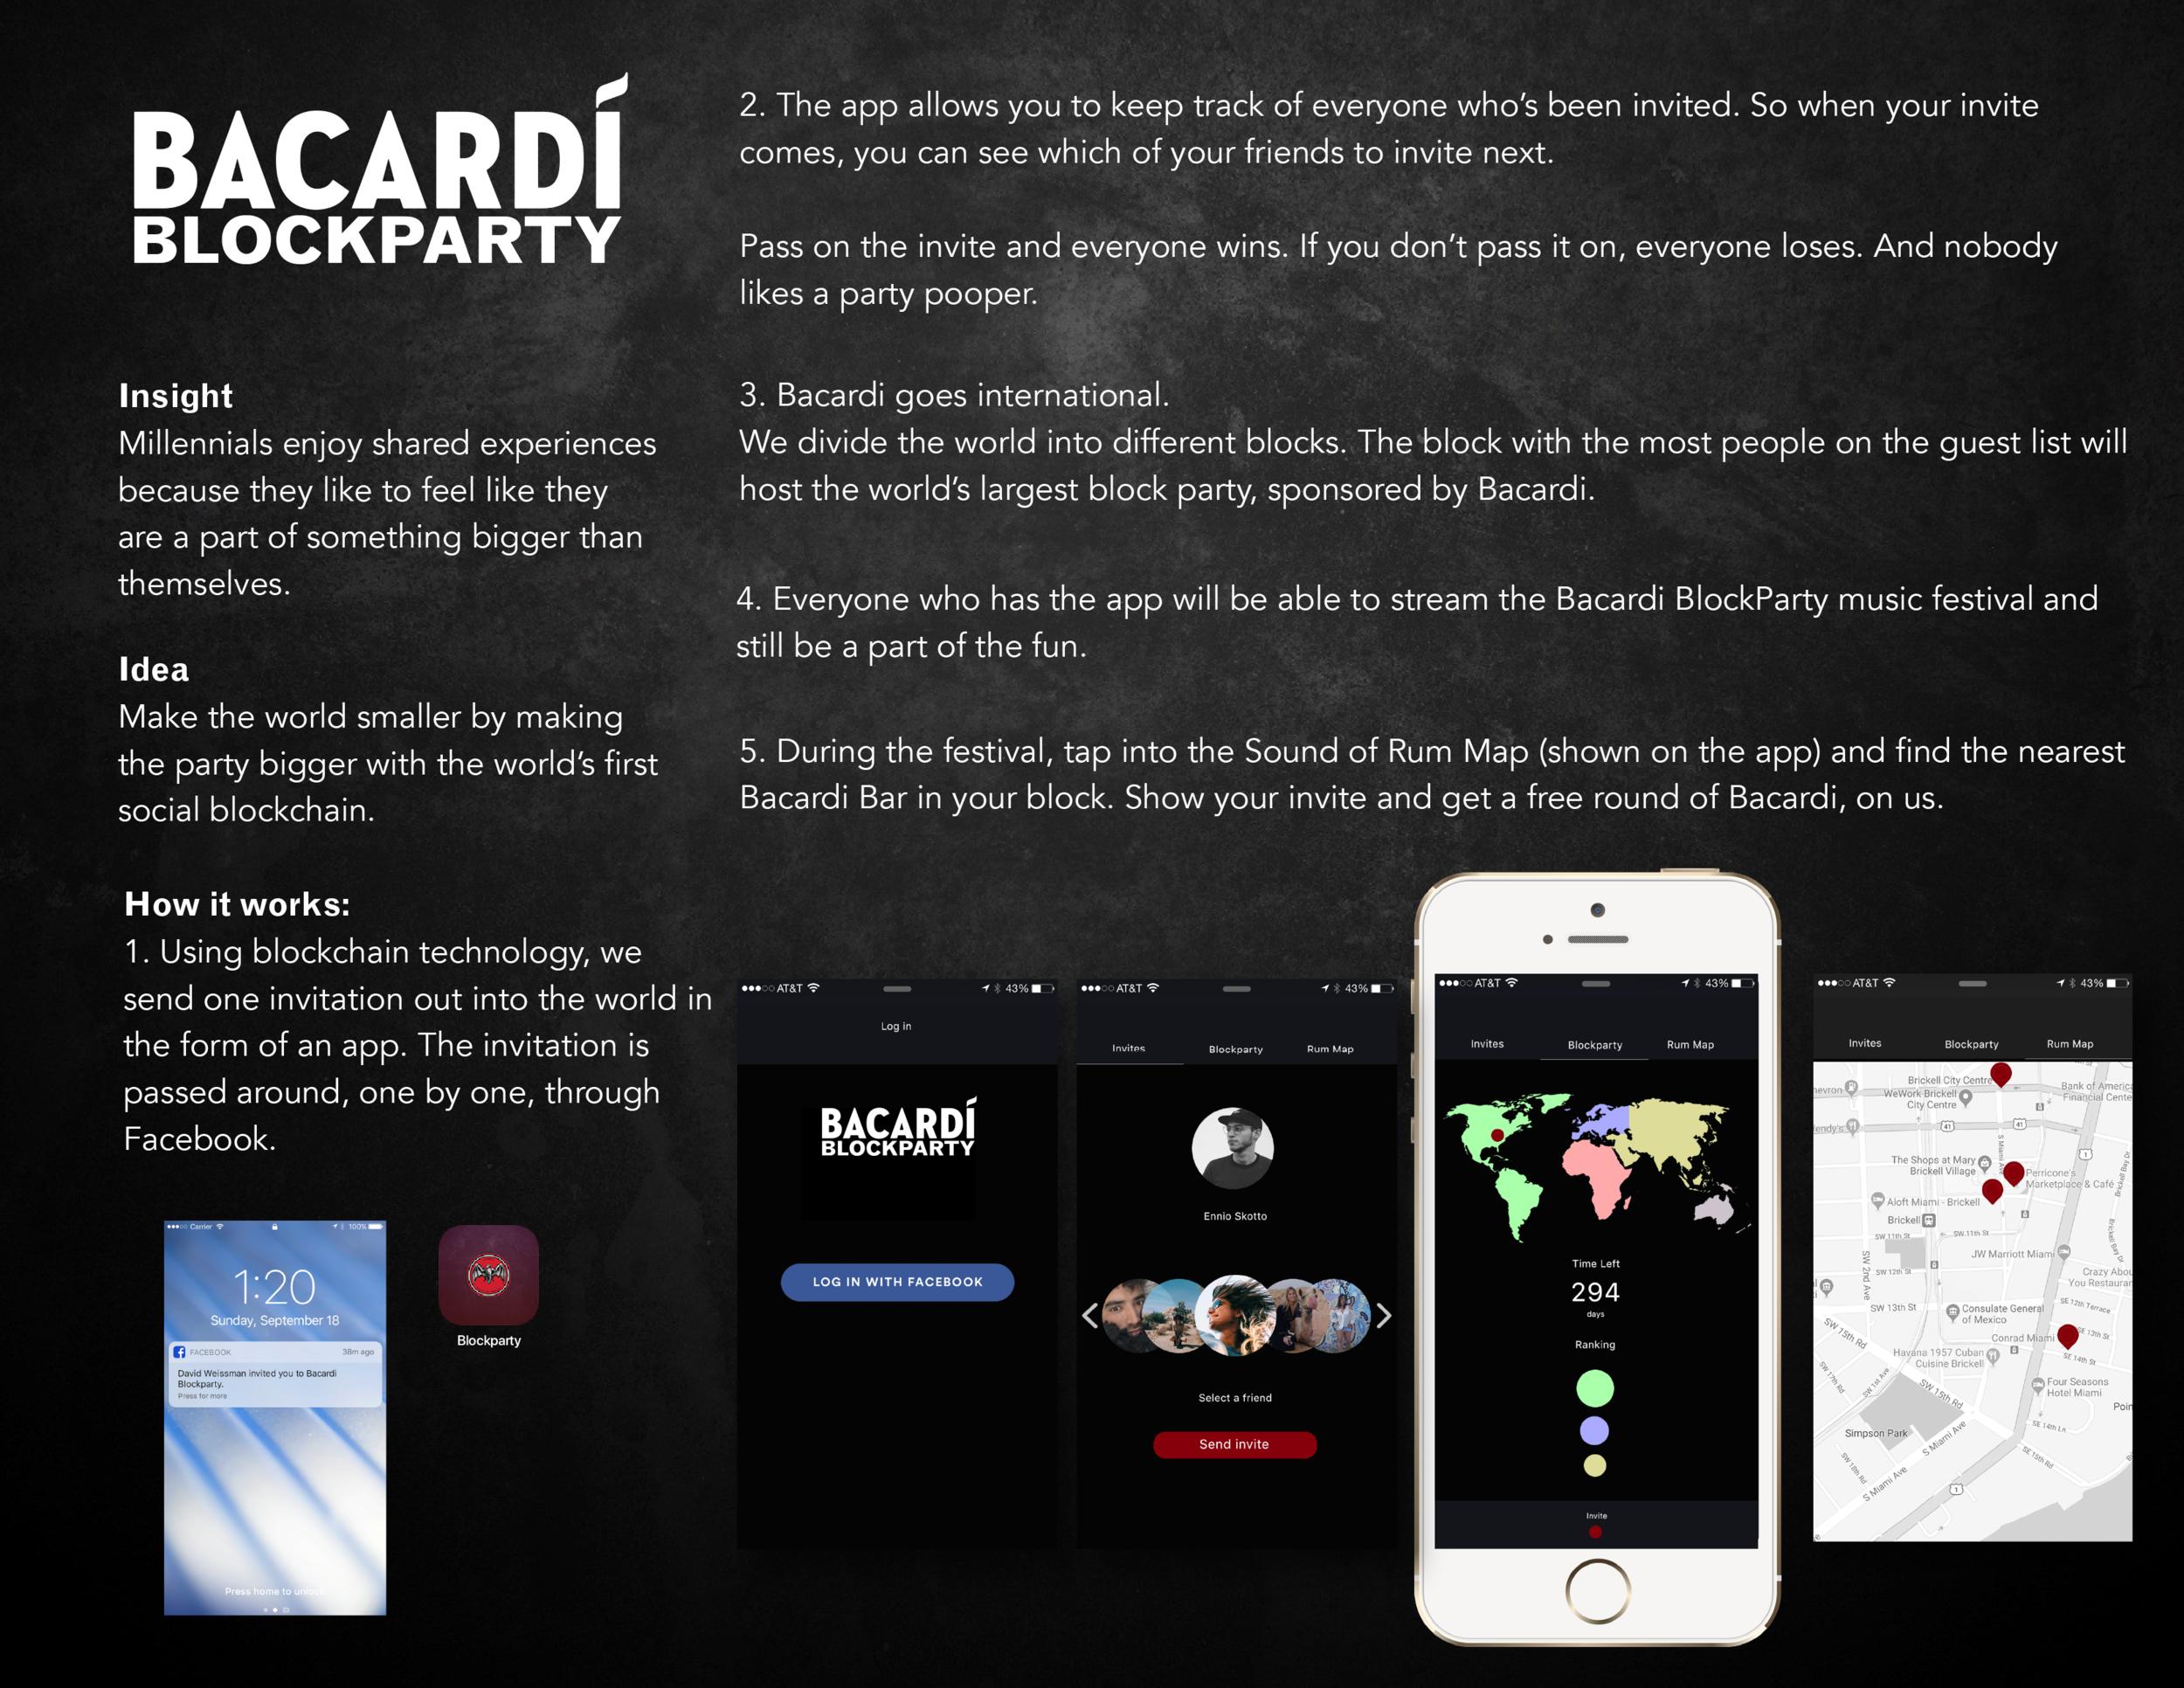 Bacardi Digital Ad - Blockparty